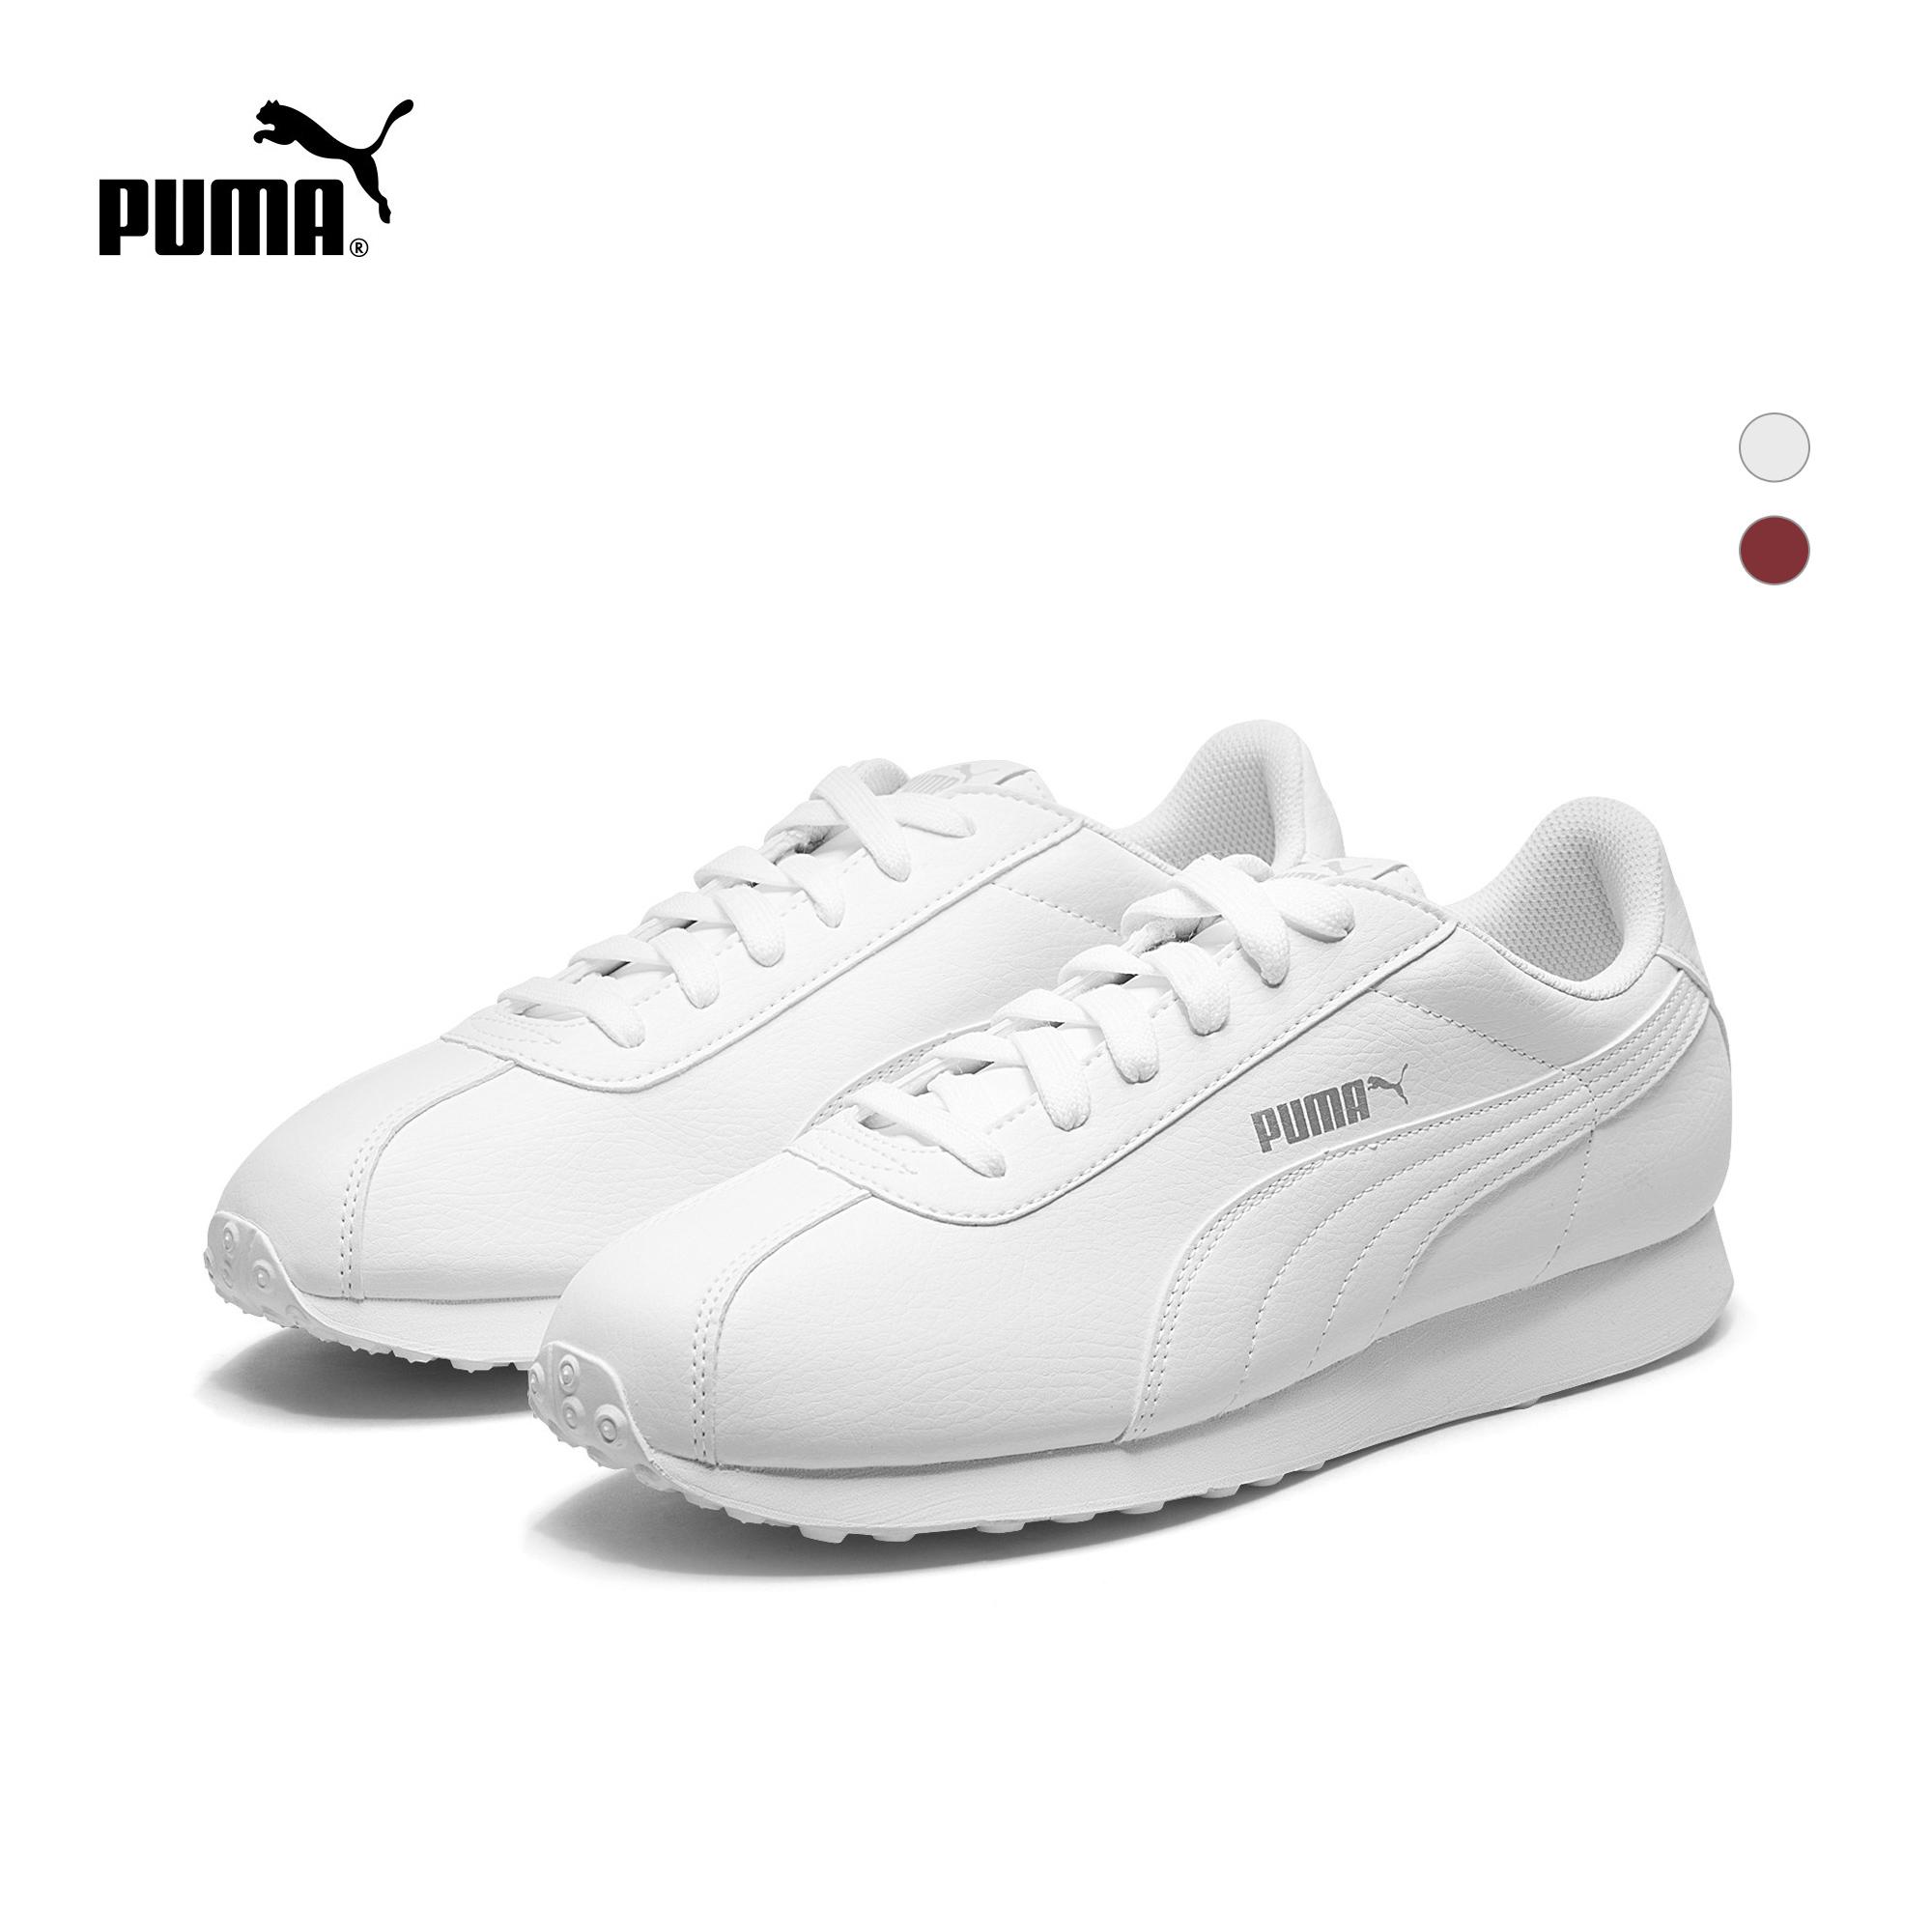 PUMA彪馬官方 男女同款休閒鞋 Turin 360116